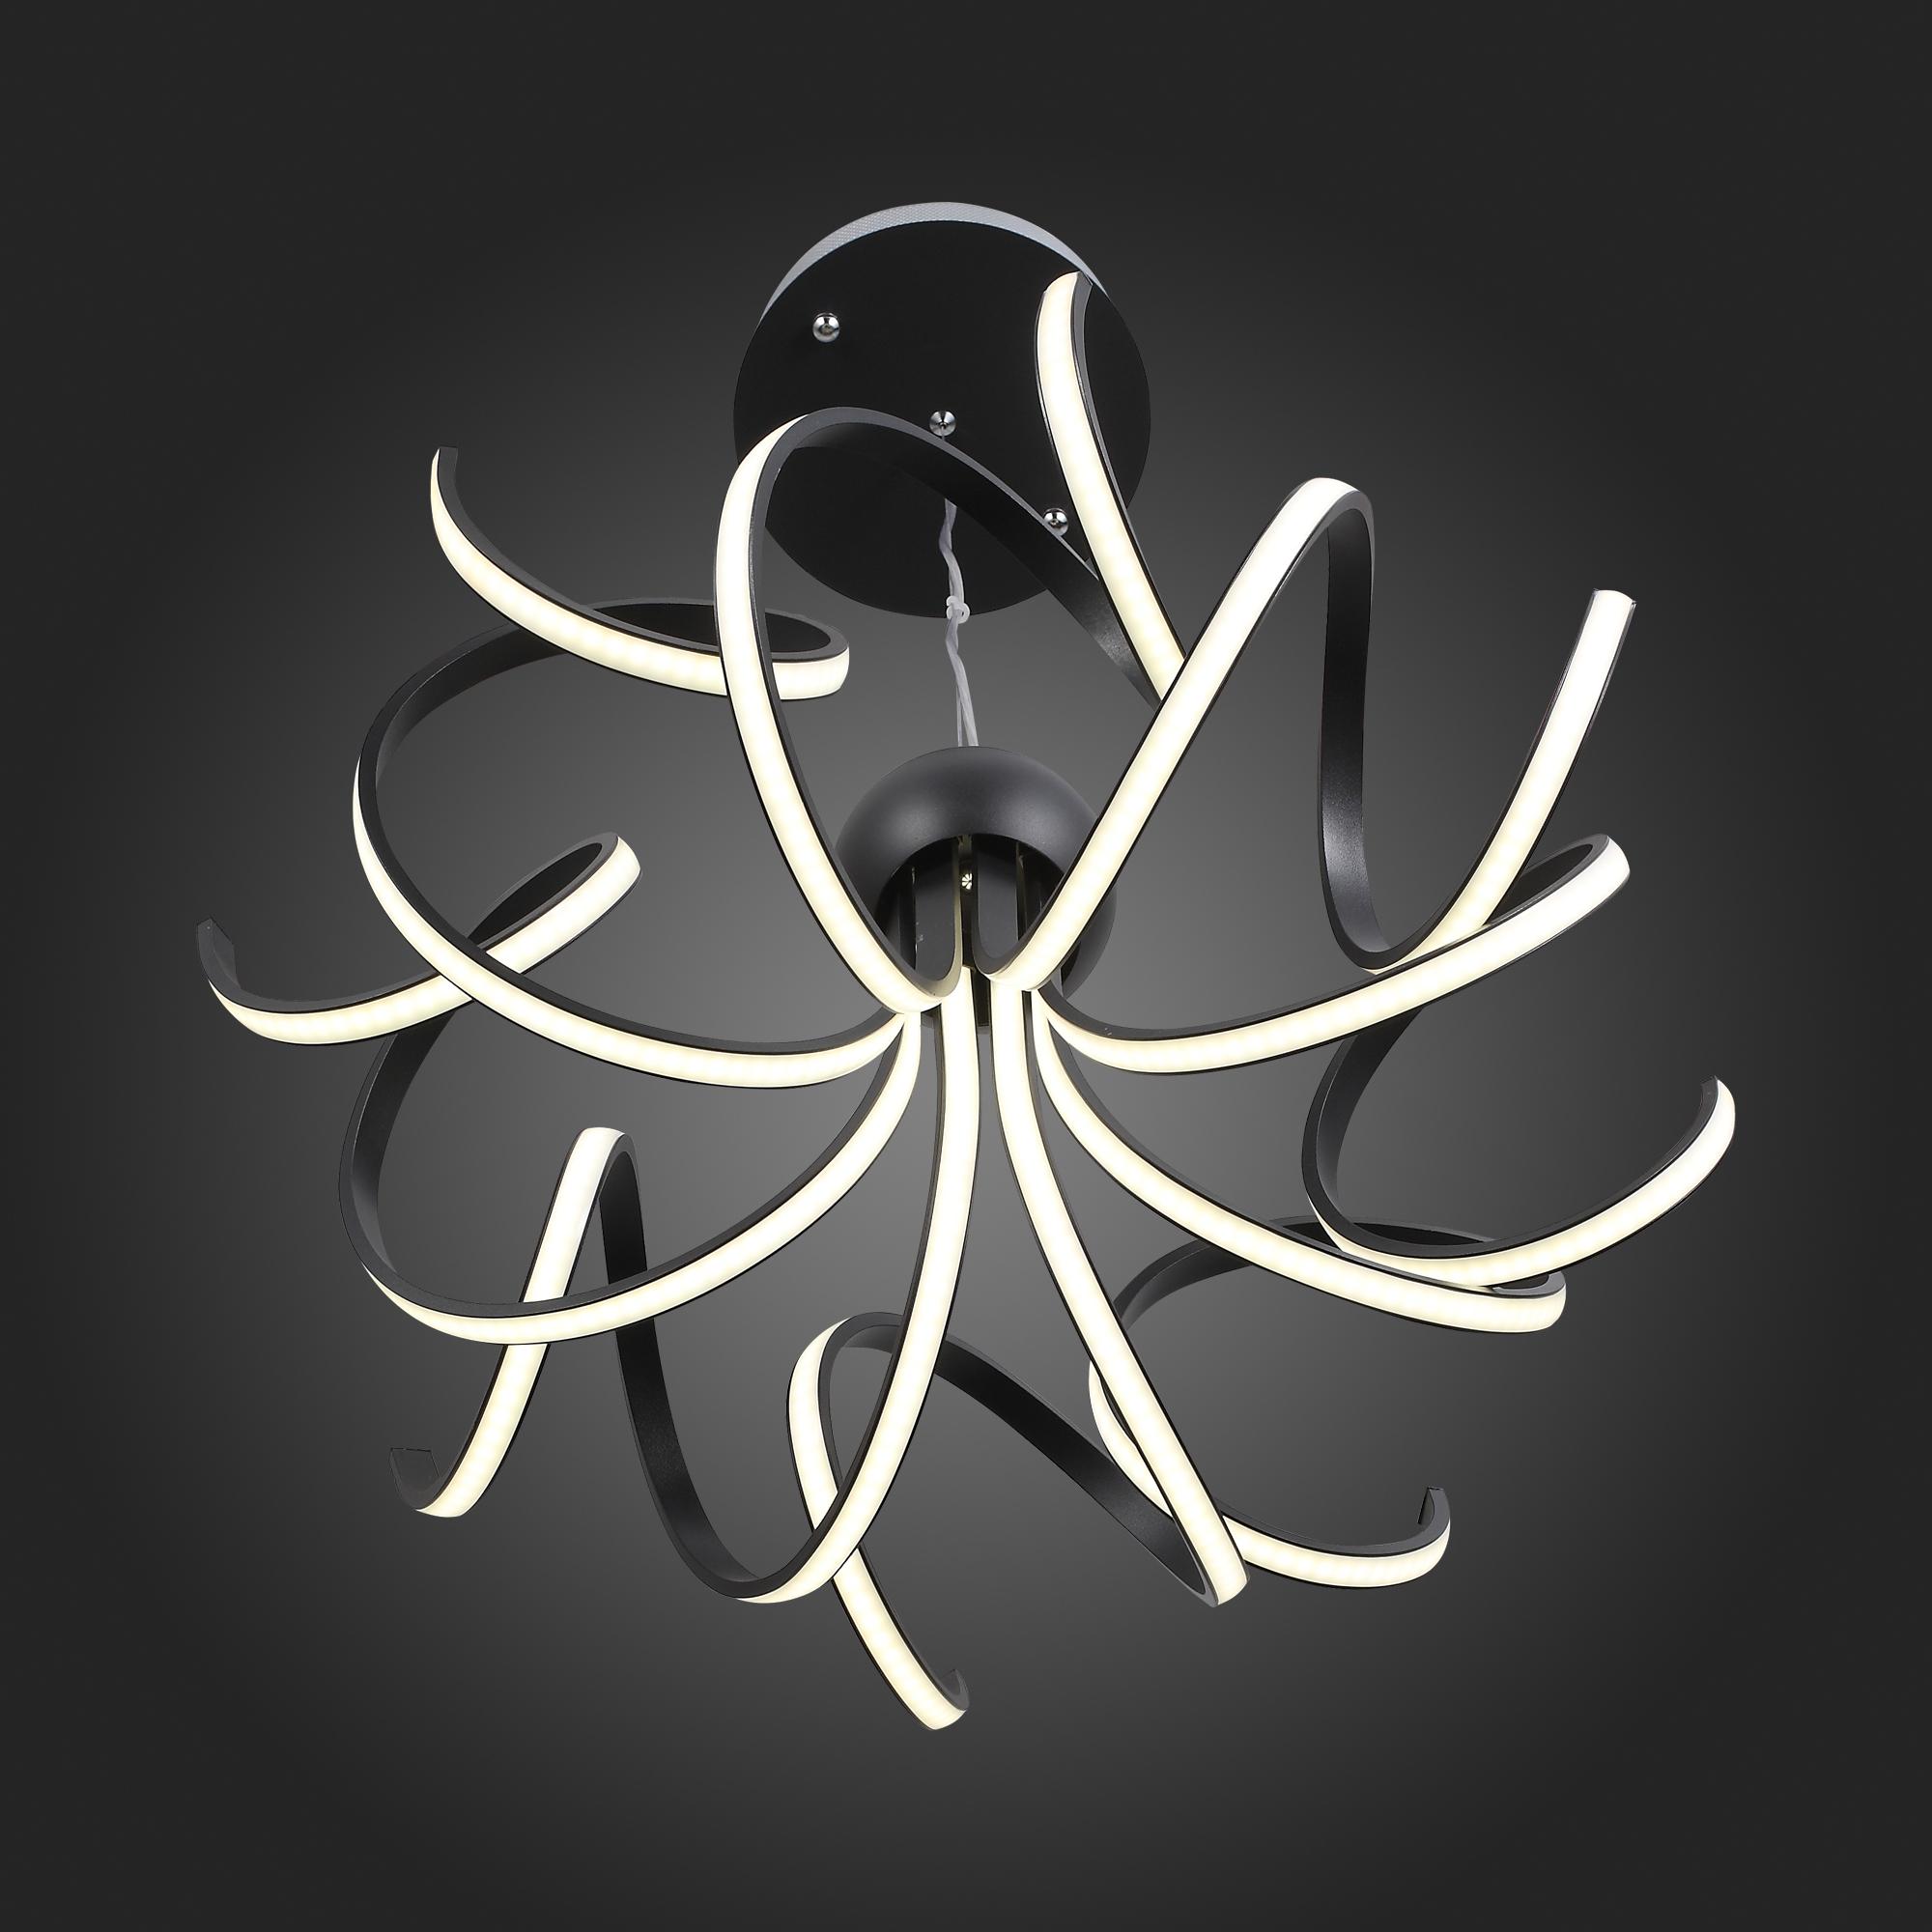 Подвесная светодиодная люстра ST Luce Fondere SL906.403.08, LED 120W, 4000K (дневной), черный, белый, металл, пластик - фото 12